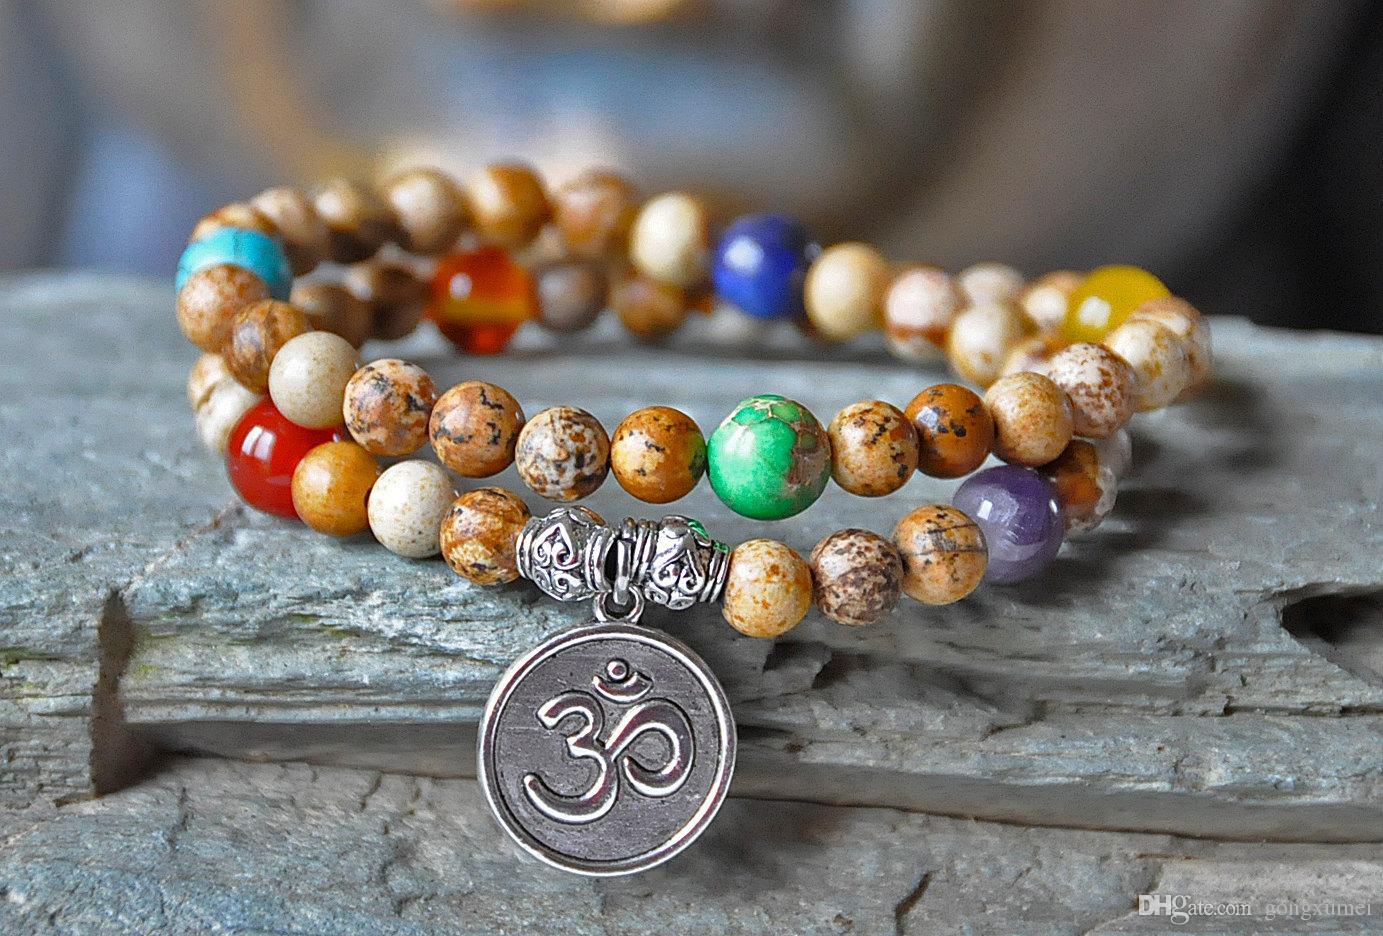 Proteção 54 contas de Mala, pulseira de cura mala, Imagine Jasper mala, meditação de yoga OM, mantra, mala budista, gemstone mala, envoltório de mala de chakra